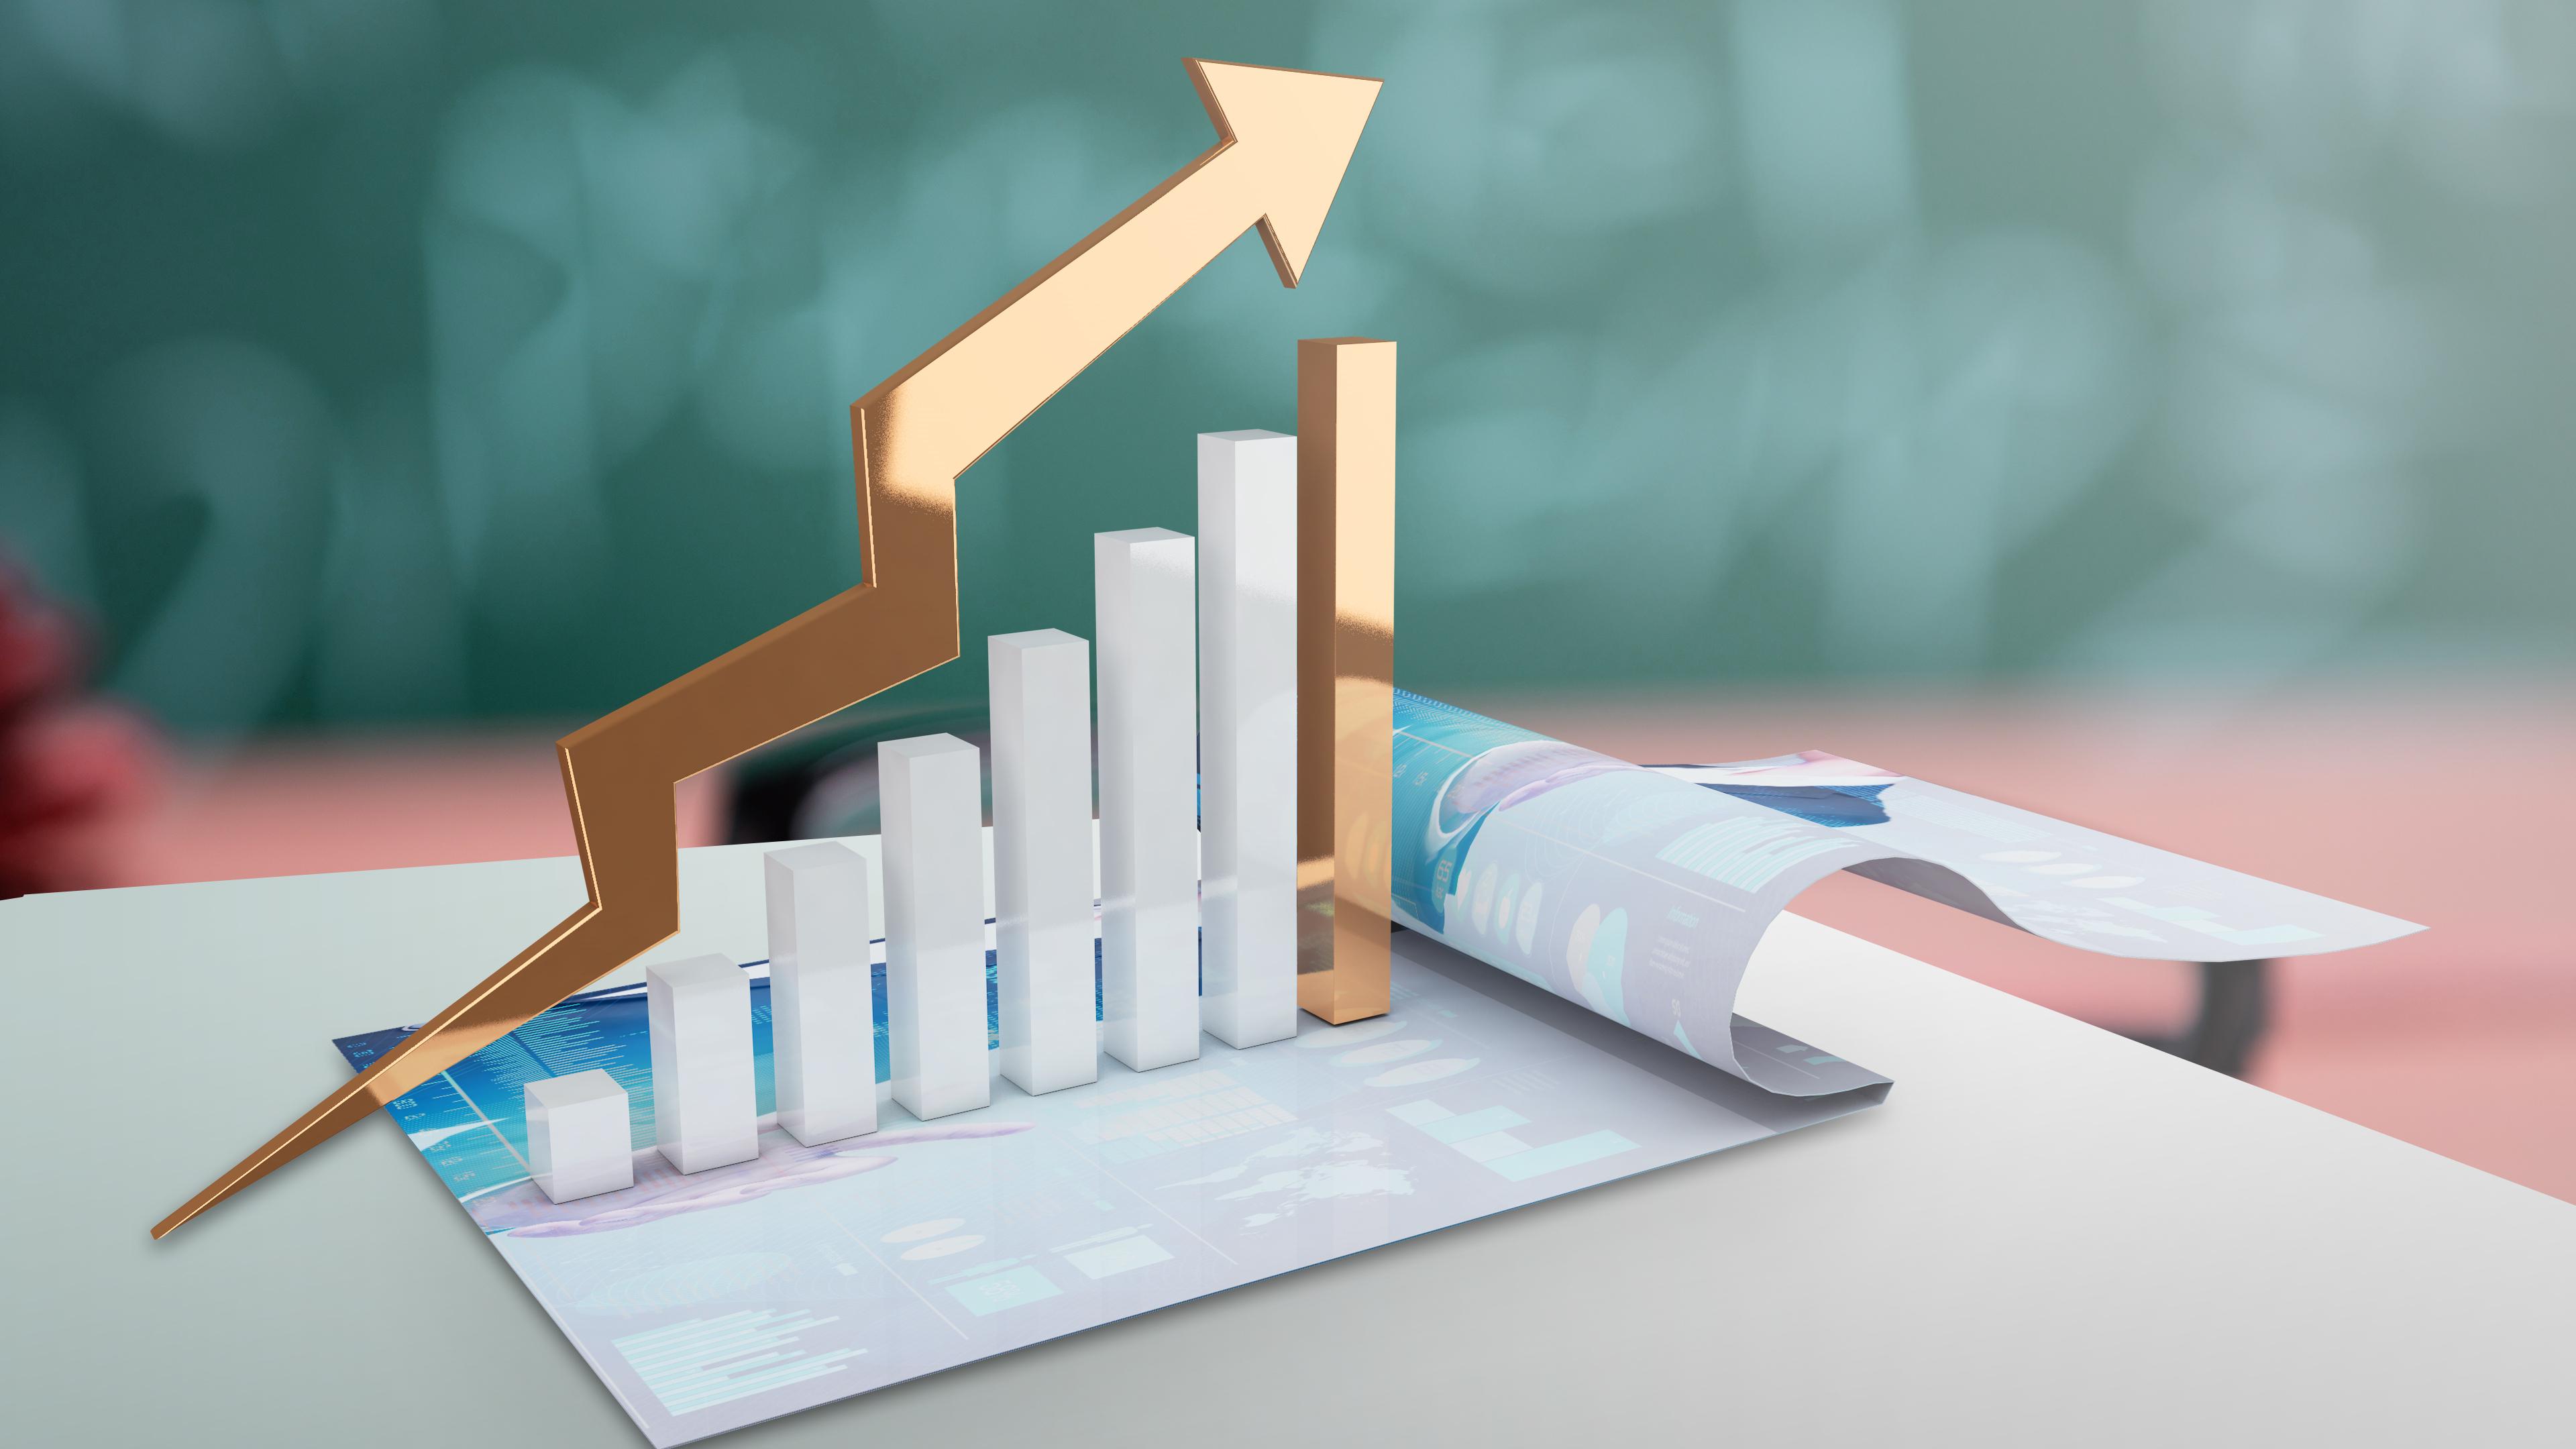 净利润同比增至少45.18%!青岛东方铁塔发布前三季度业绩预告